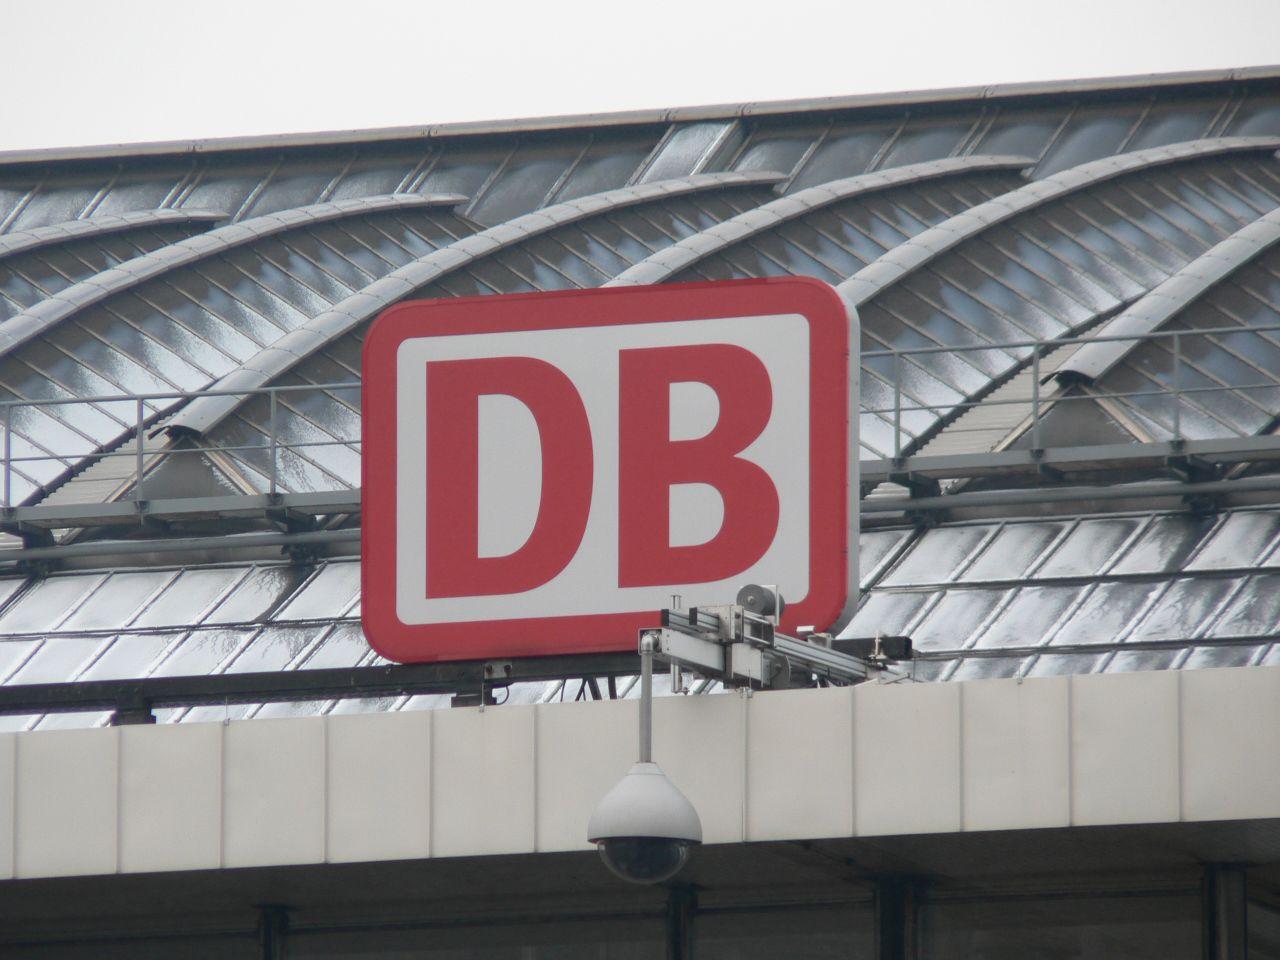 Según algunas fuentes, Renfe Mercancías estaría en negociaciones avanzadas con la alemana DB para crear una empresa conjunta en España.